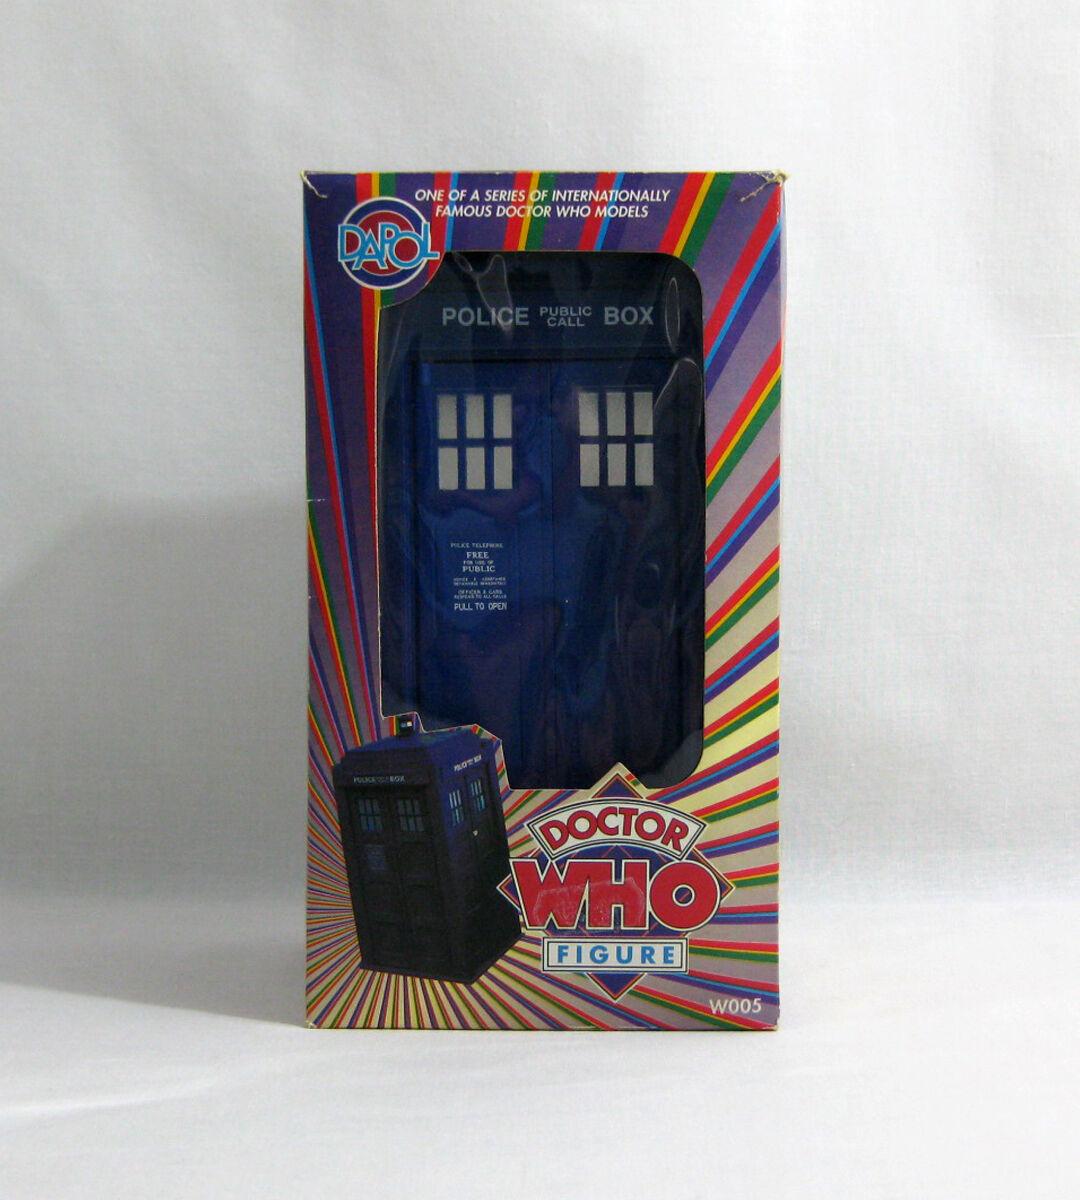 Nuevo 1987 Doctor Who ✧ Tardis ✧ Dapol raro arco iris Caja Mib